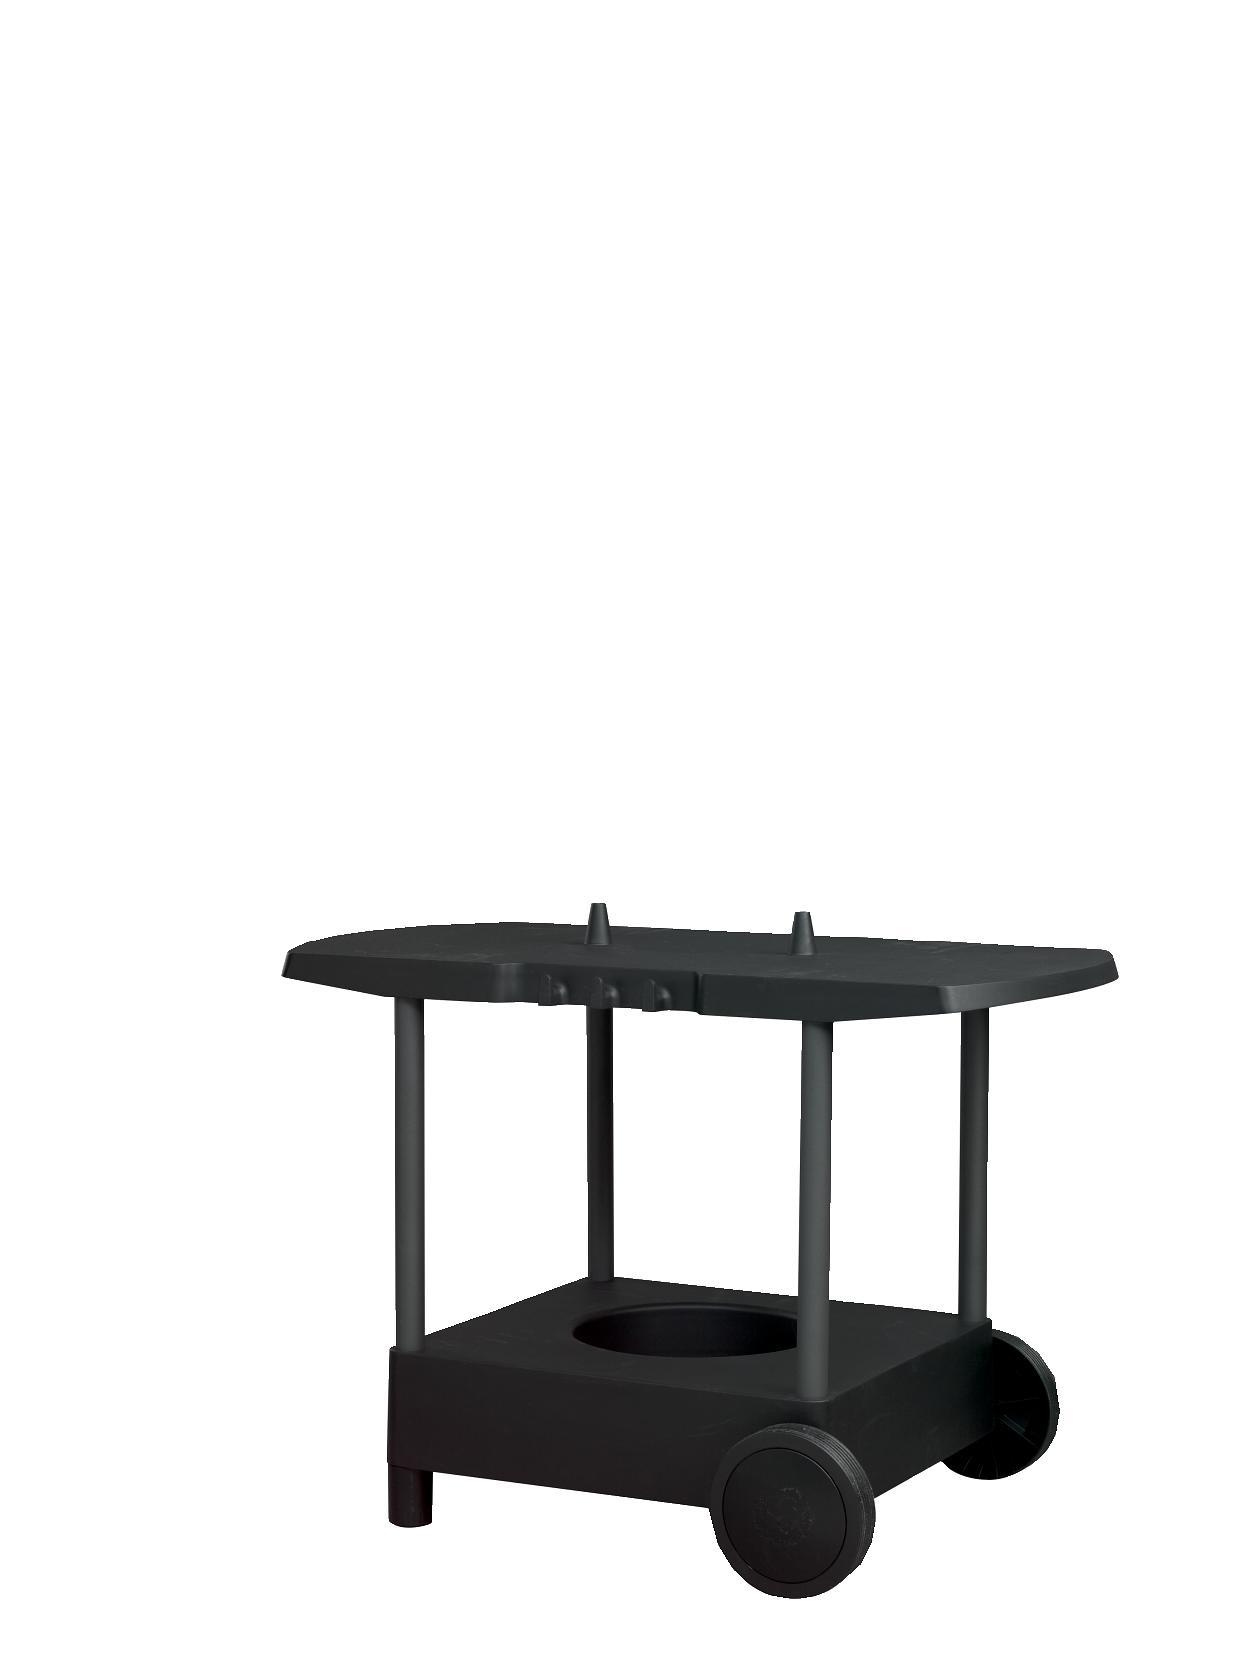 Morsø Tavolo – Onesize Tisch für die Forno Gas Familie. Morsø Tavolo ist ein mobiler Außentisch, der für jeden Grill der Forno Gas-Serie geeignet ist. Der Tisch ist aus schwarzem…